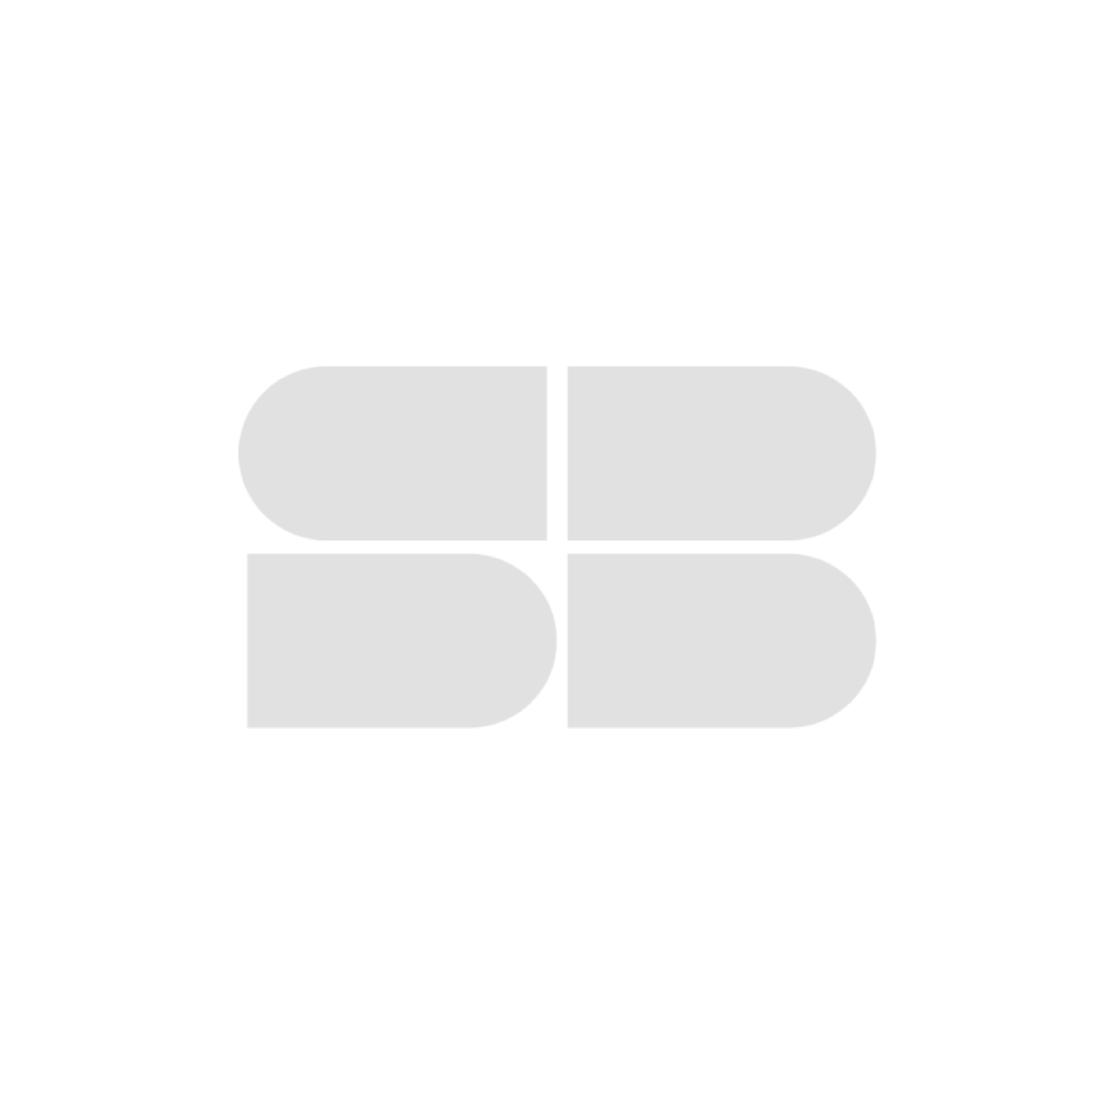 39013189-mattress-bedding-mattresses-latex-mattresses-31